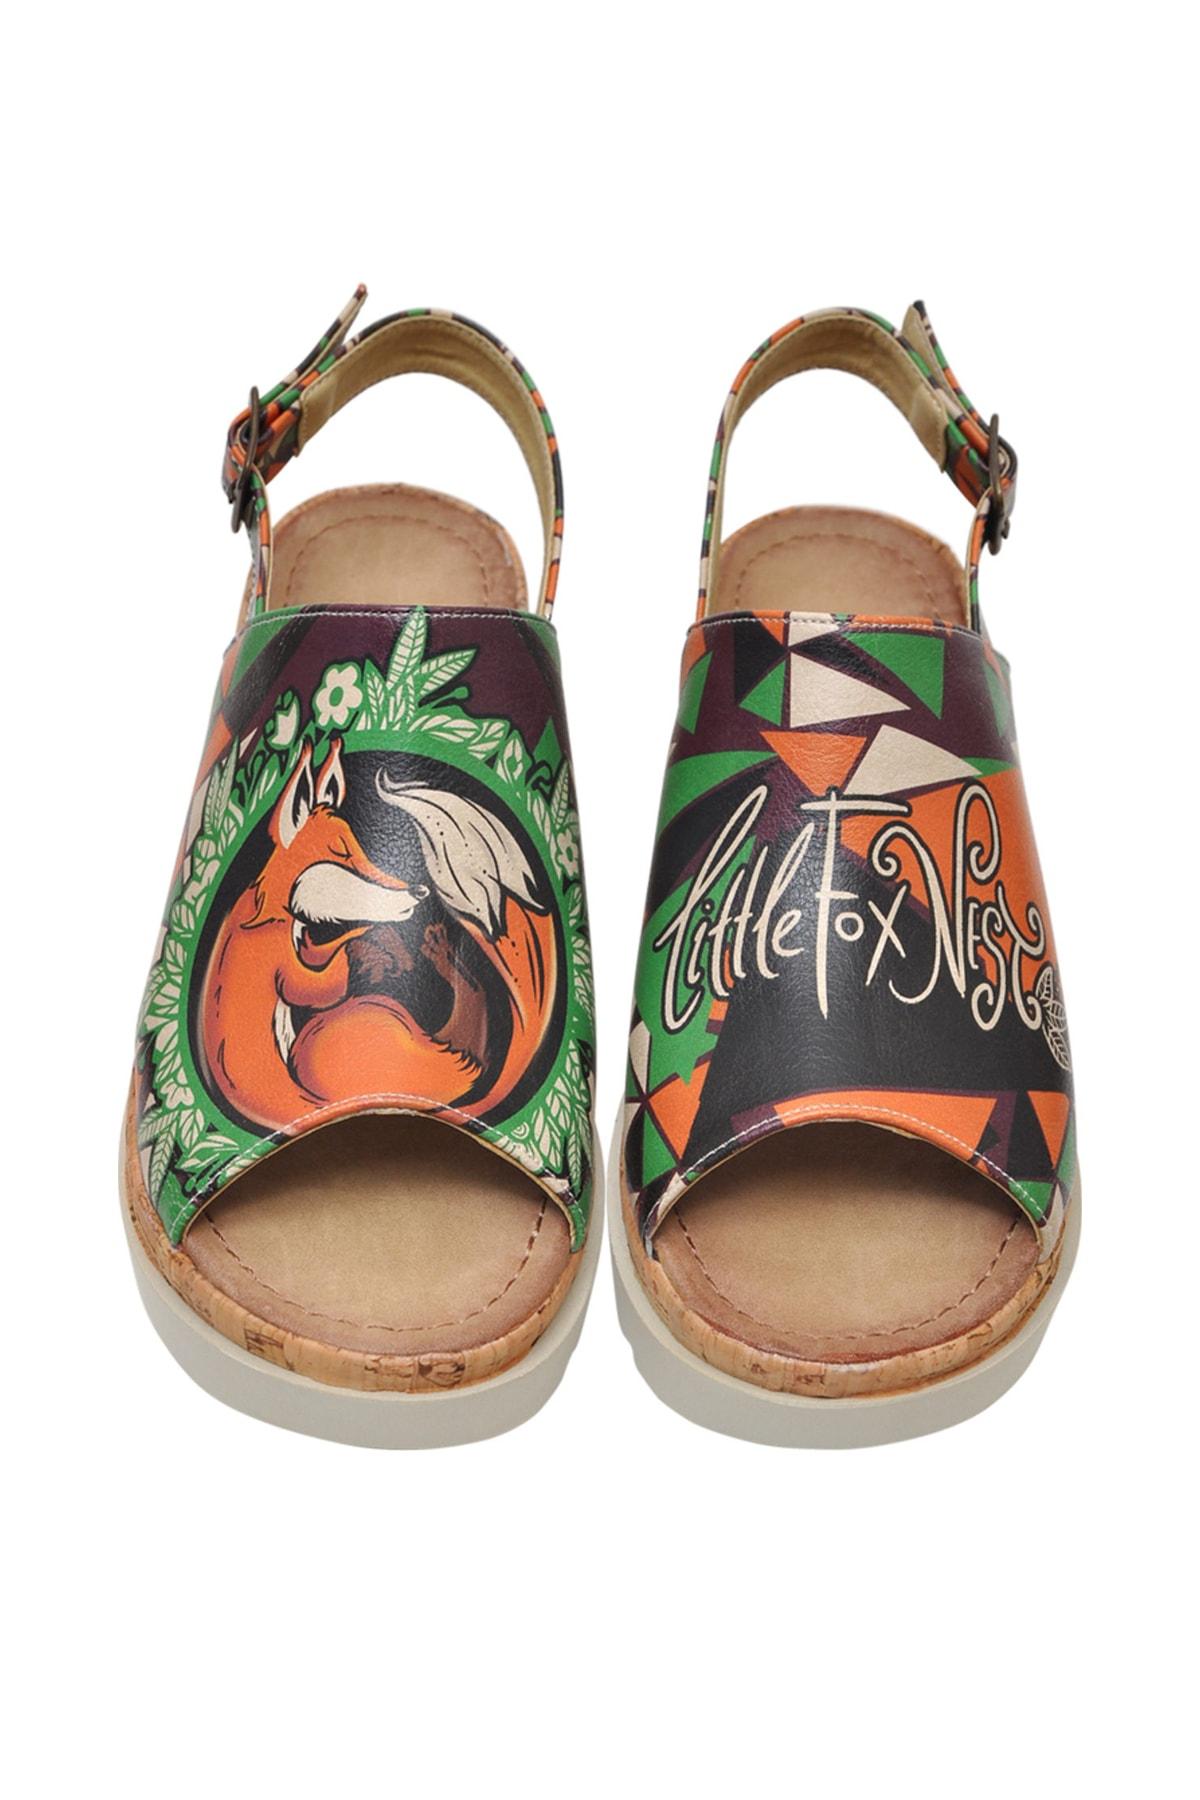 Dogo Little Fox Nest Kadın Kalın Tabanlı Düz Sandalet dgs019-gg011 1